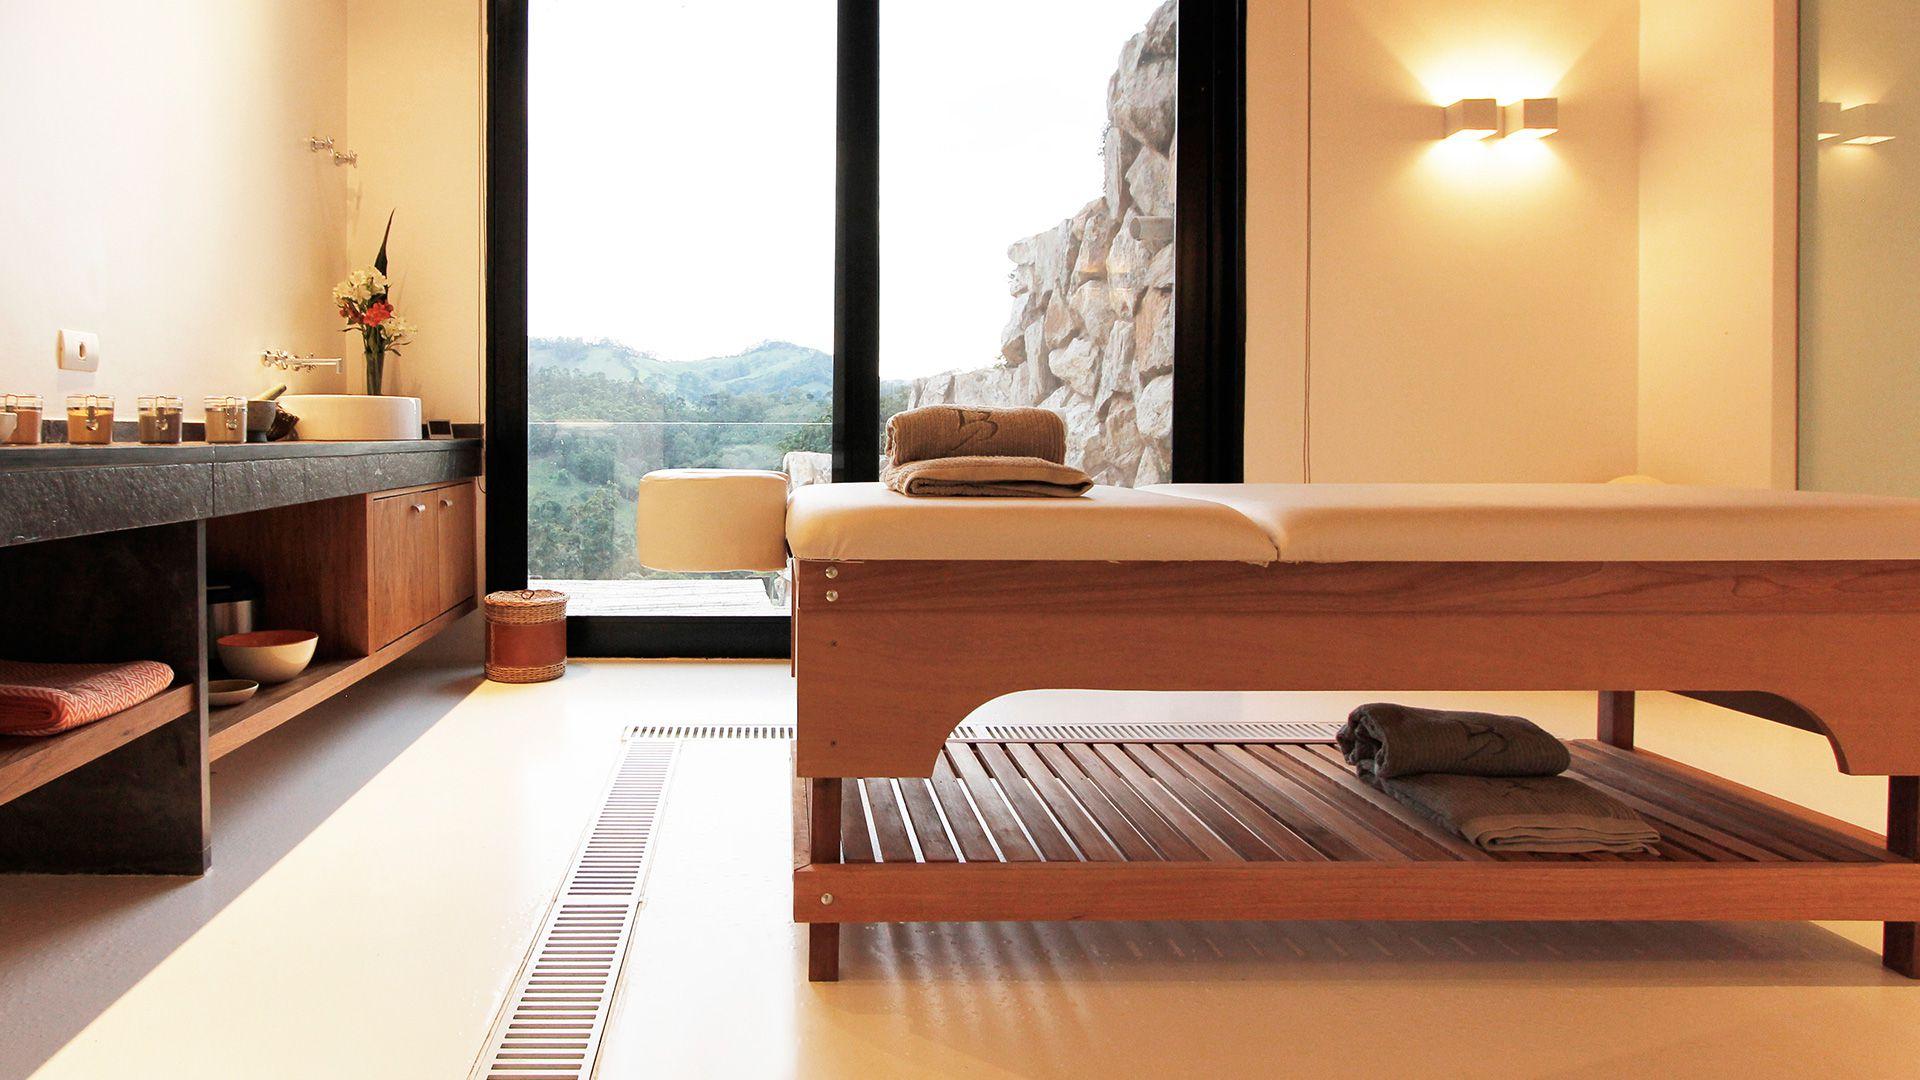 6-spa-hotel-botanique-foto-sala-tratamento-maca-armario